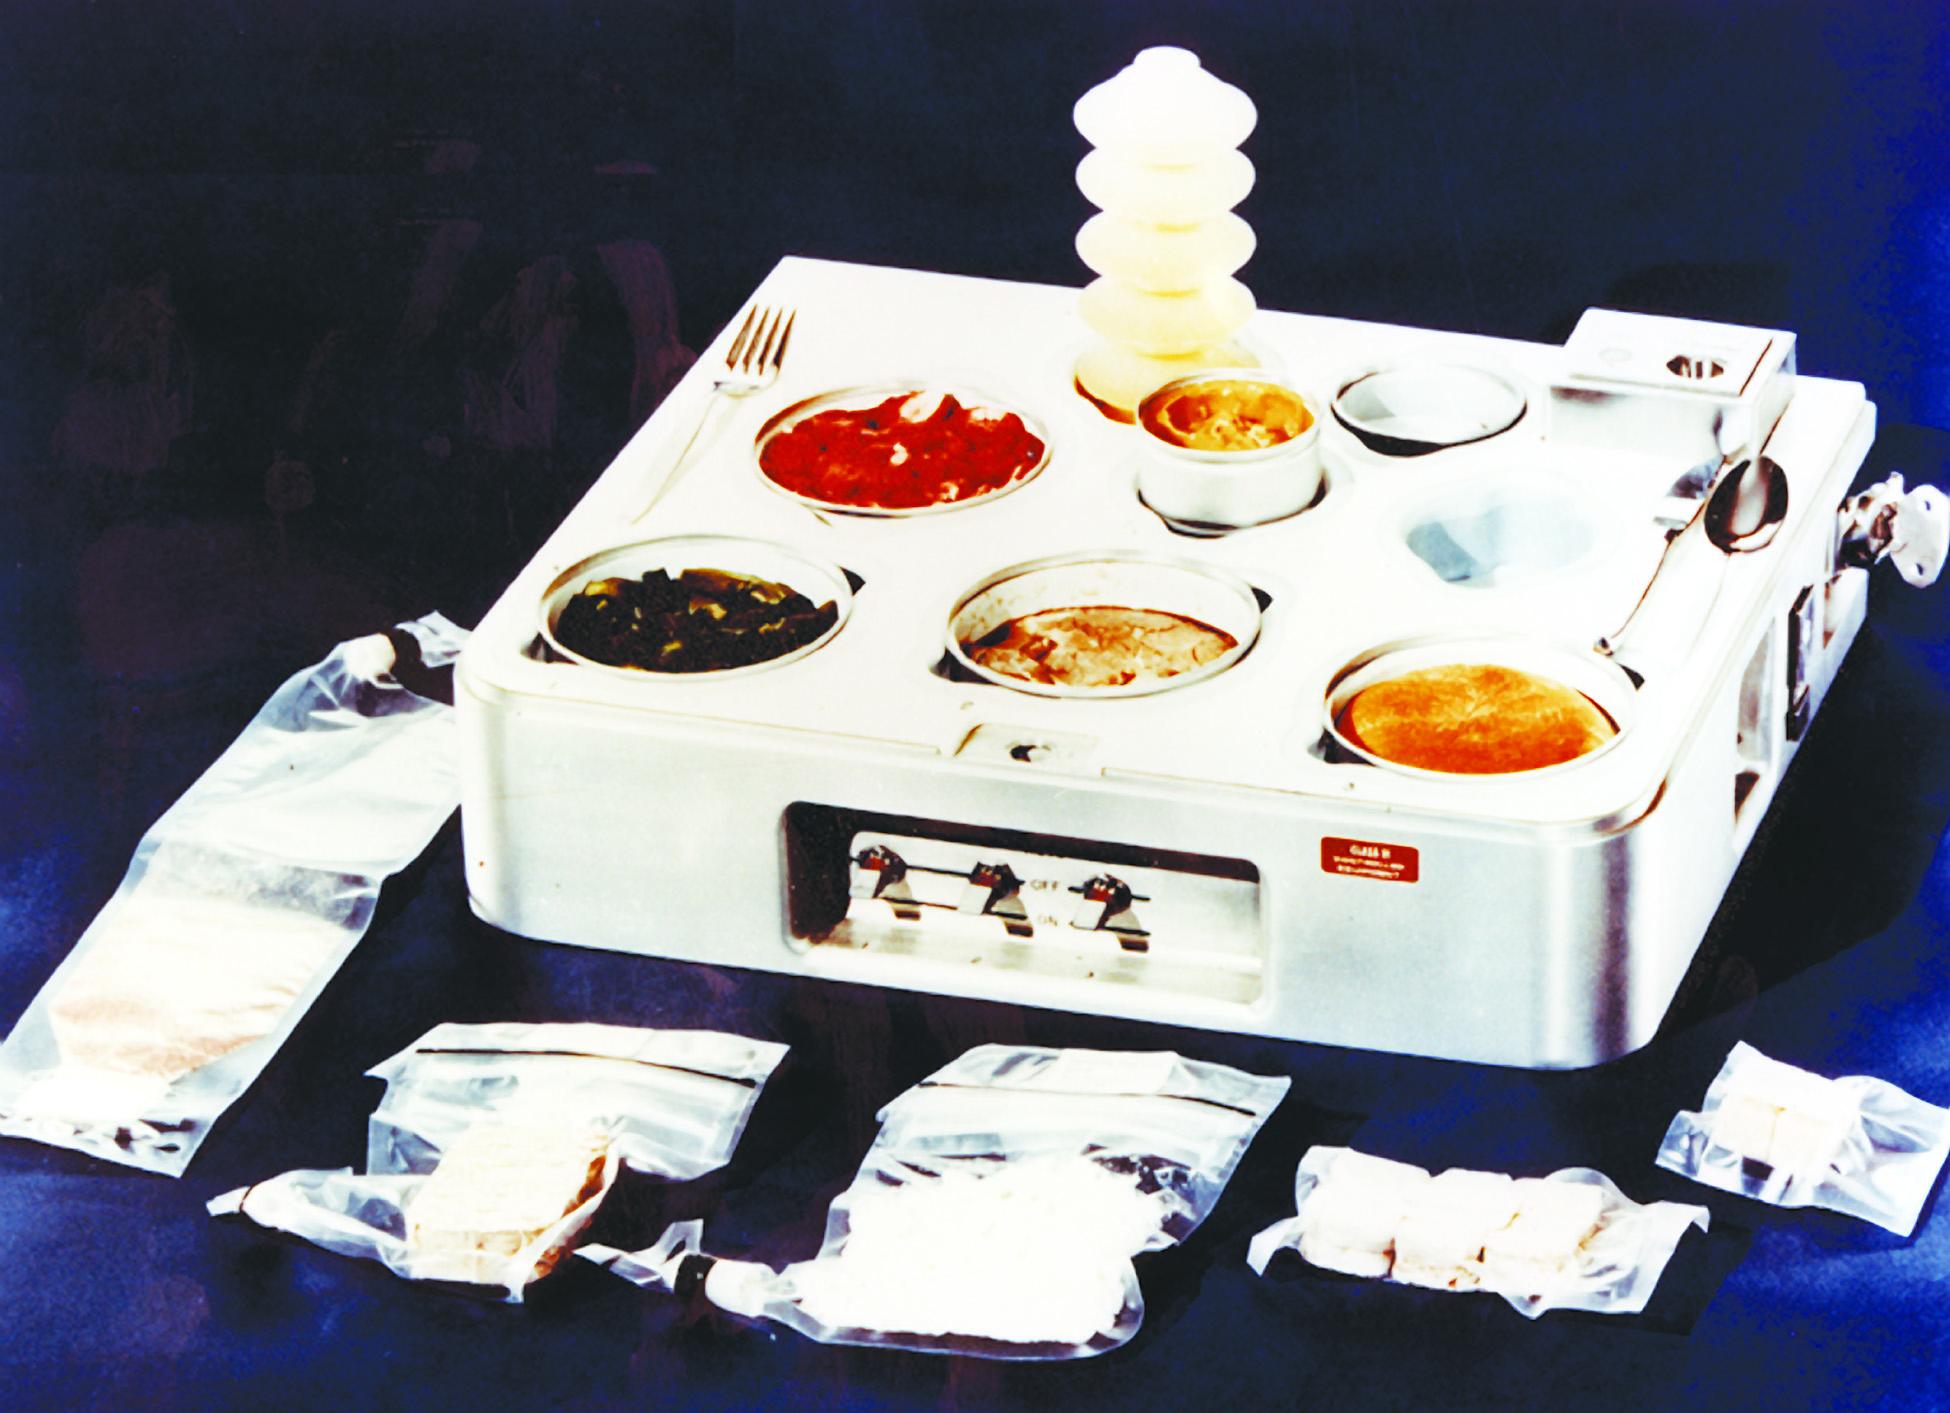 Nasa space food